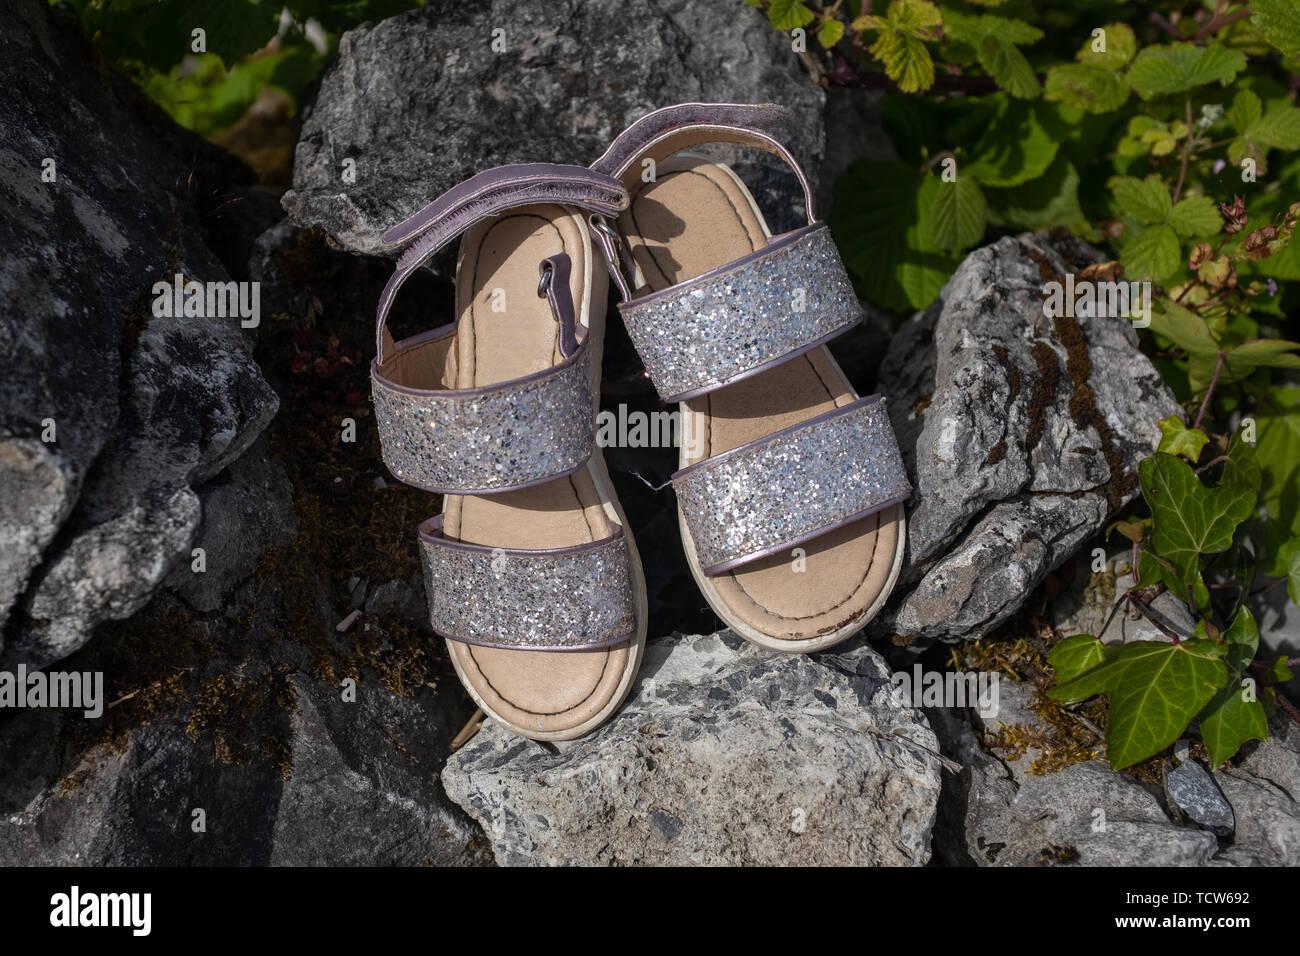 Una coppia di nuovo cercando abbandonato la ragazza vivace sandali lasciati su rocks, nessuno nell'immagine Immagini Stock